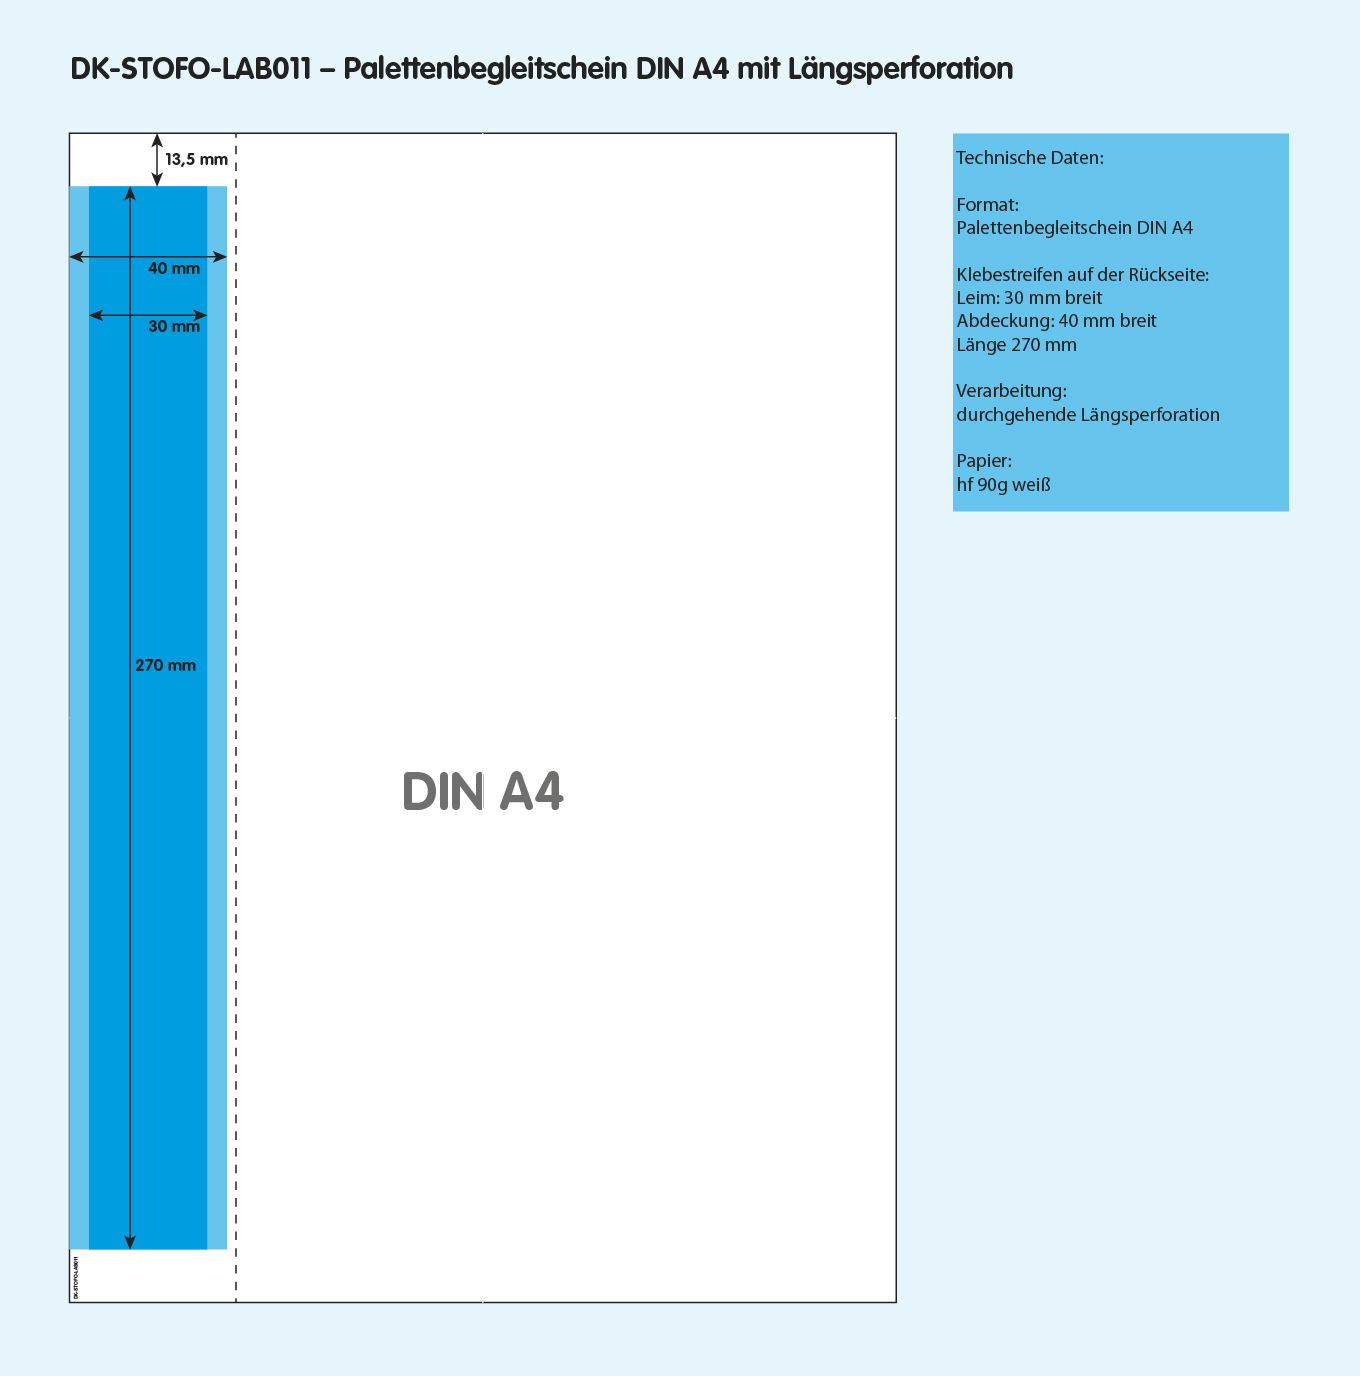 DK-STOFO-LAB011 - technische Zeichnung